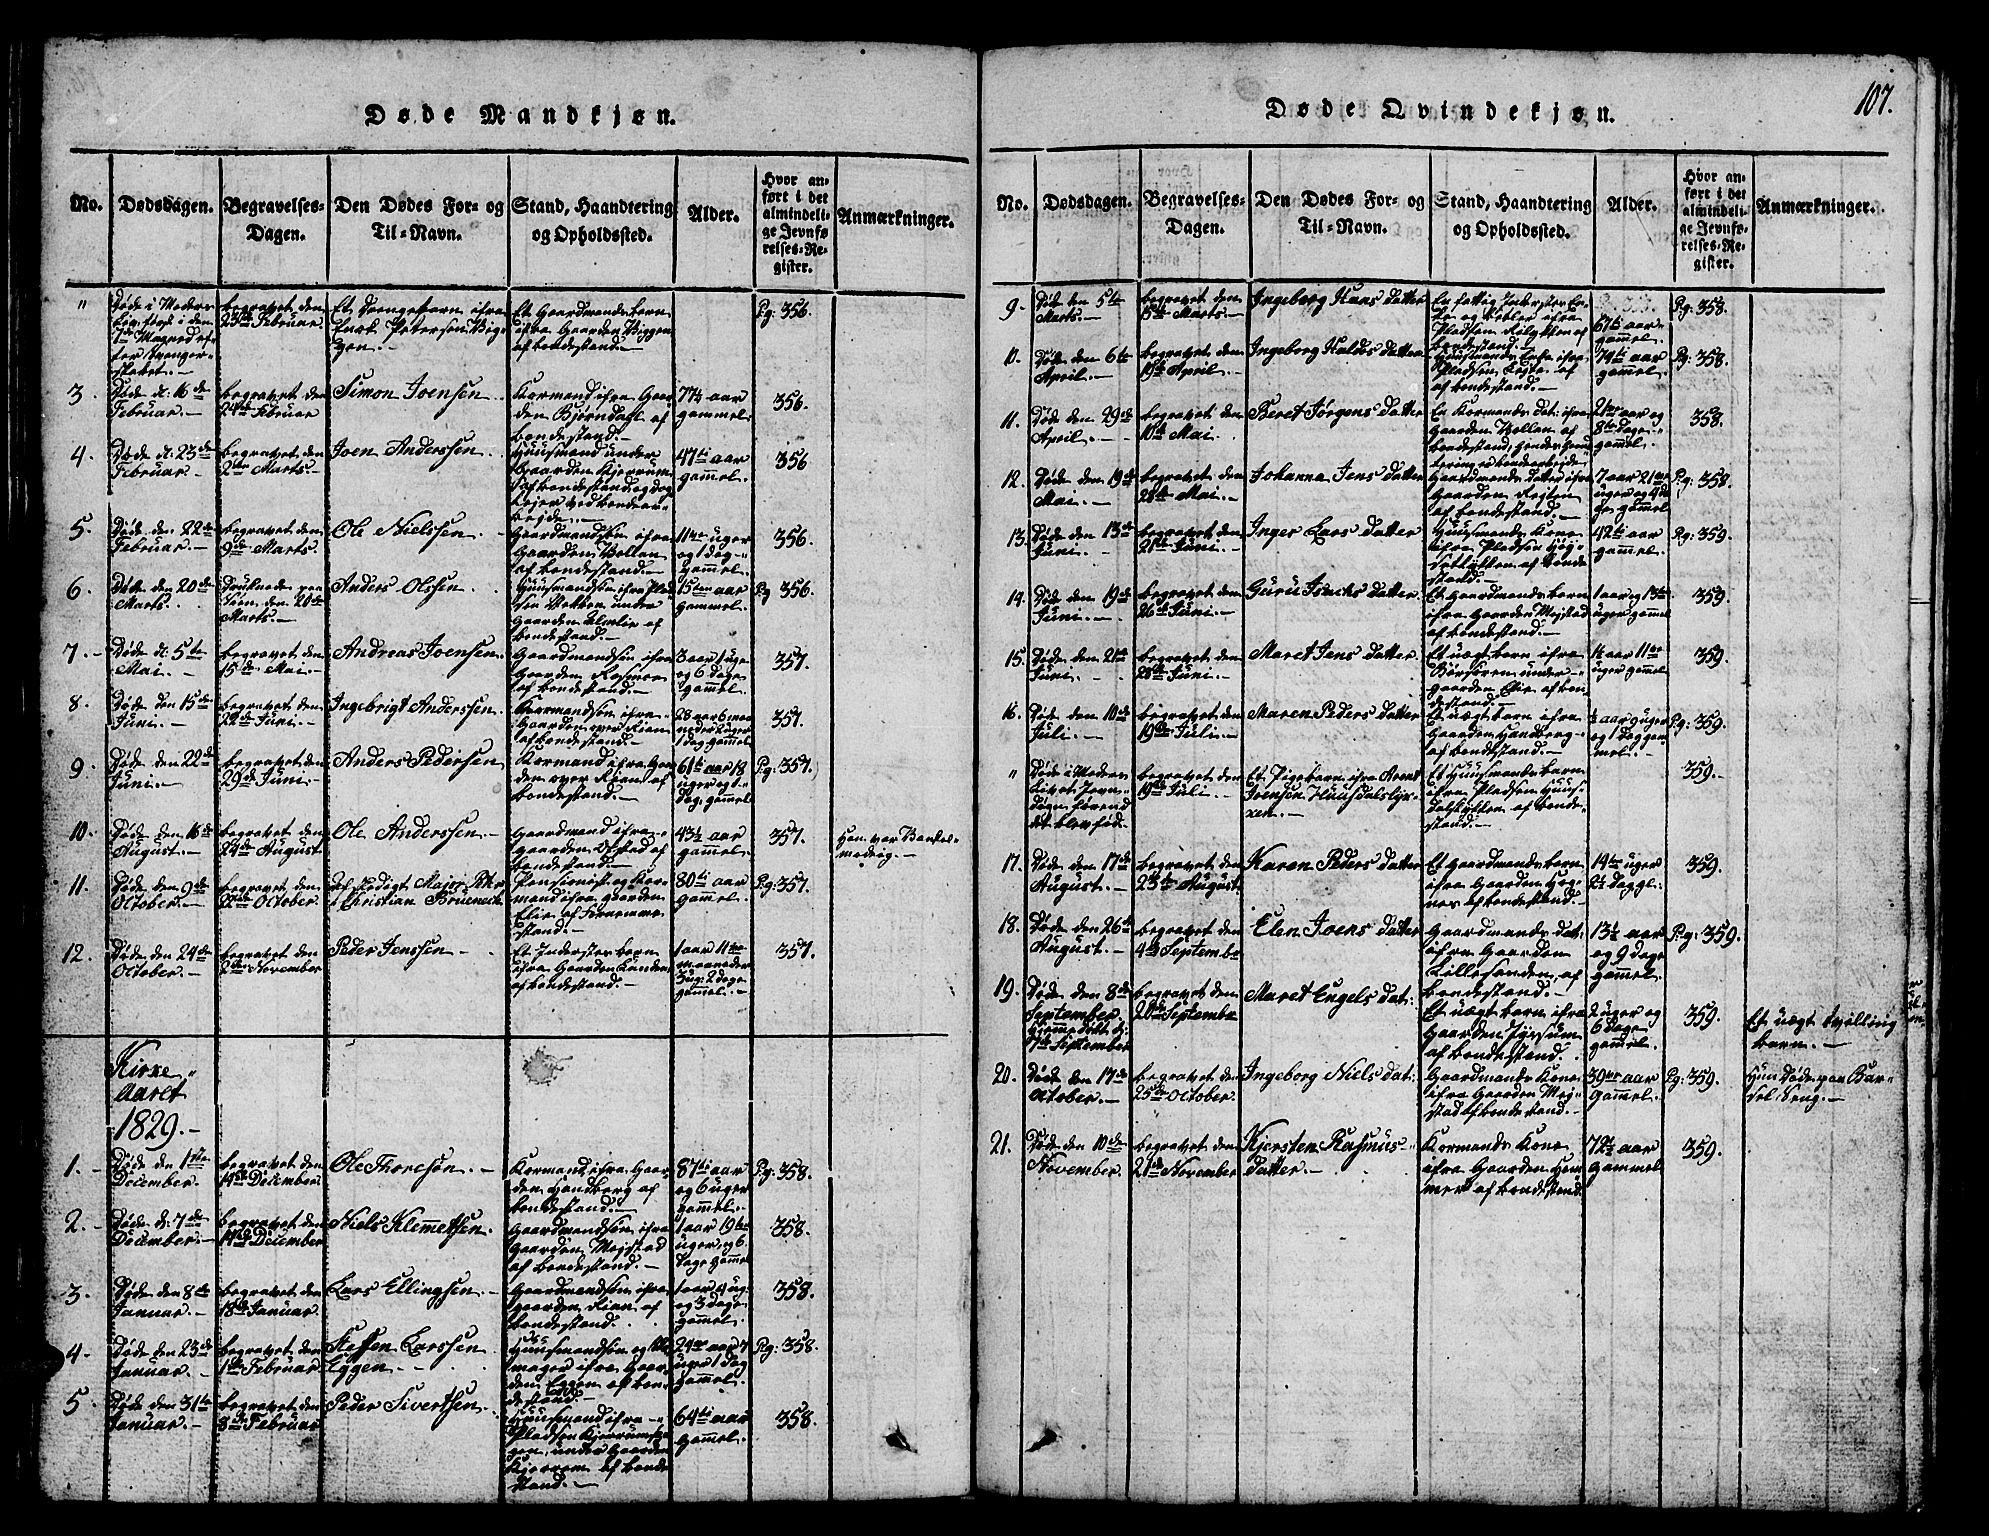 SAT, Ministerialprotokoller, klokkerbøker og fødselsregistre - Sør-Trøndelag, 665/L0776: Klokkerbok nr. 665C01, 1817-1837, s. 107